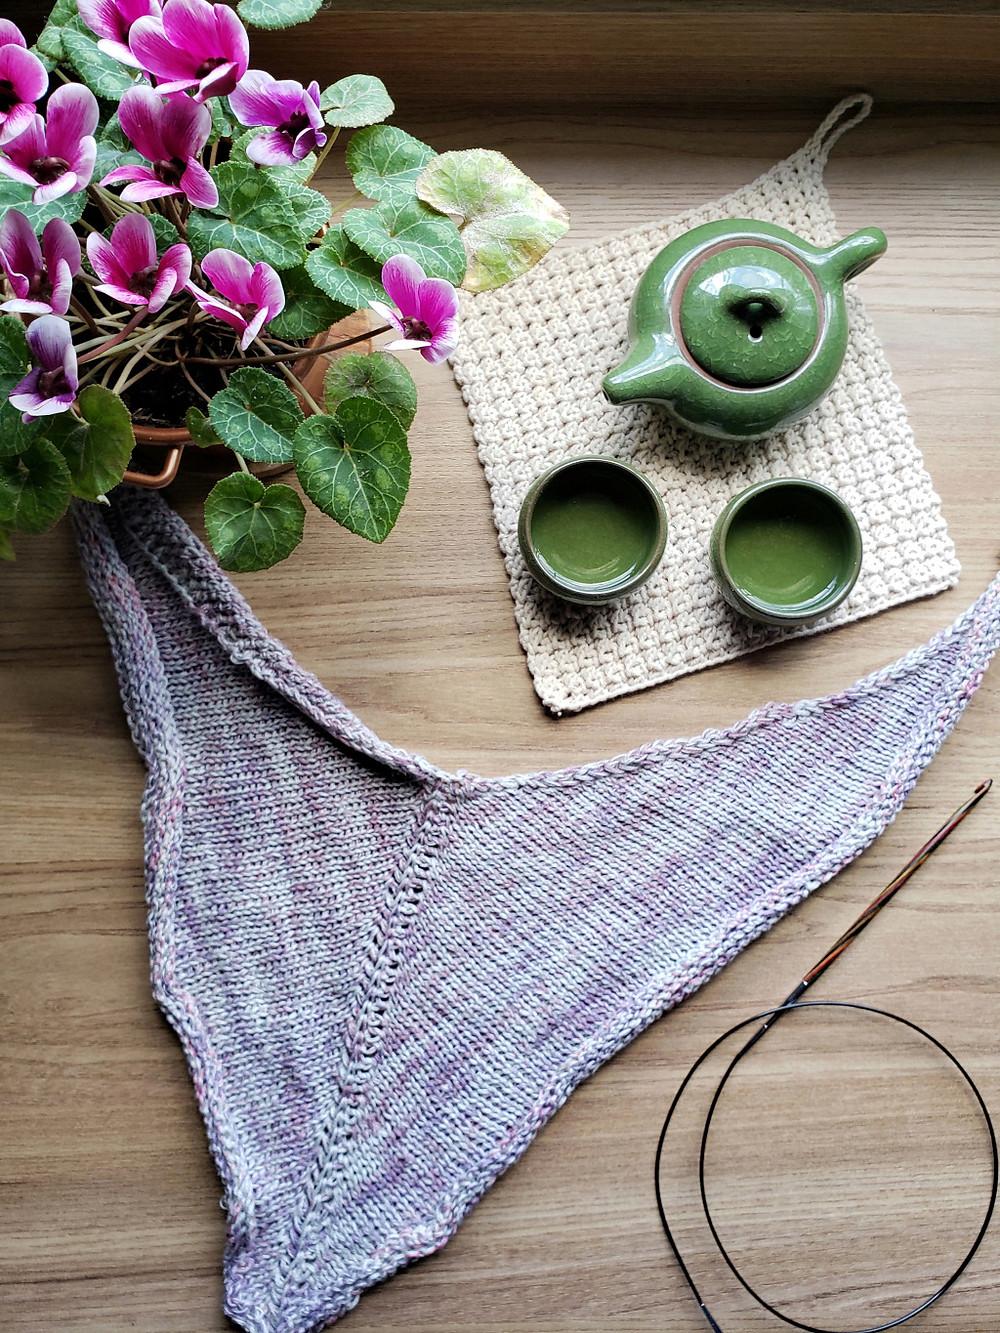 xale de crochê tunisiano, conjunto de chá japonês, flores